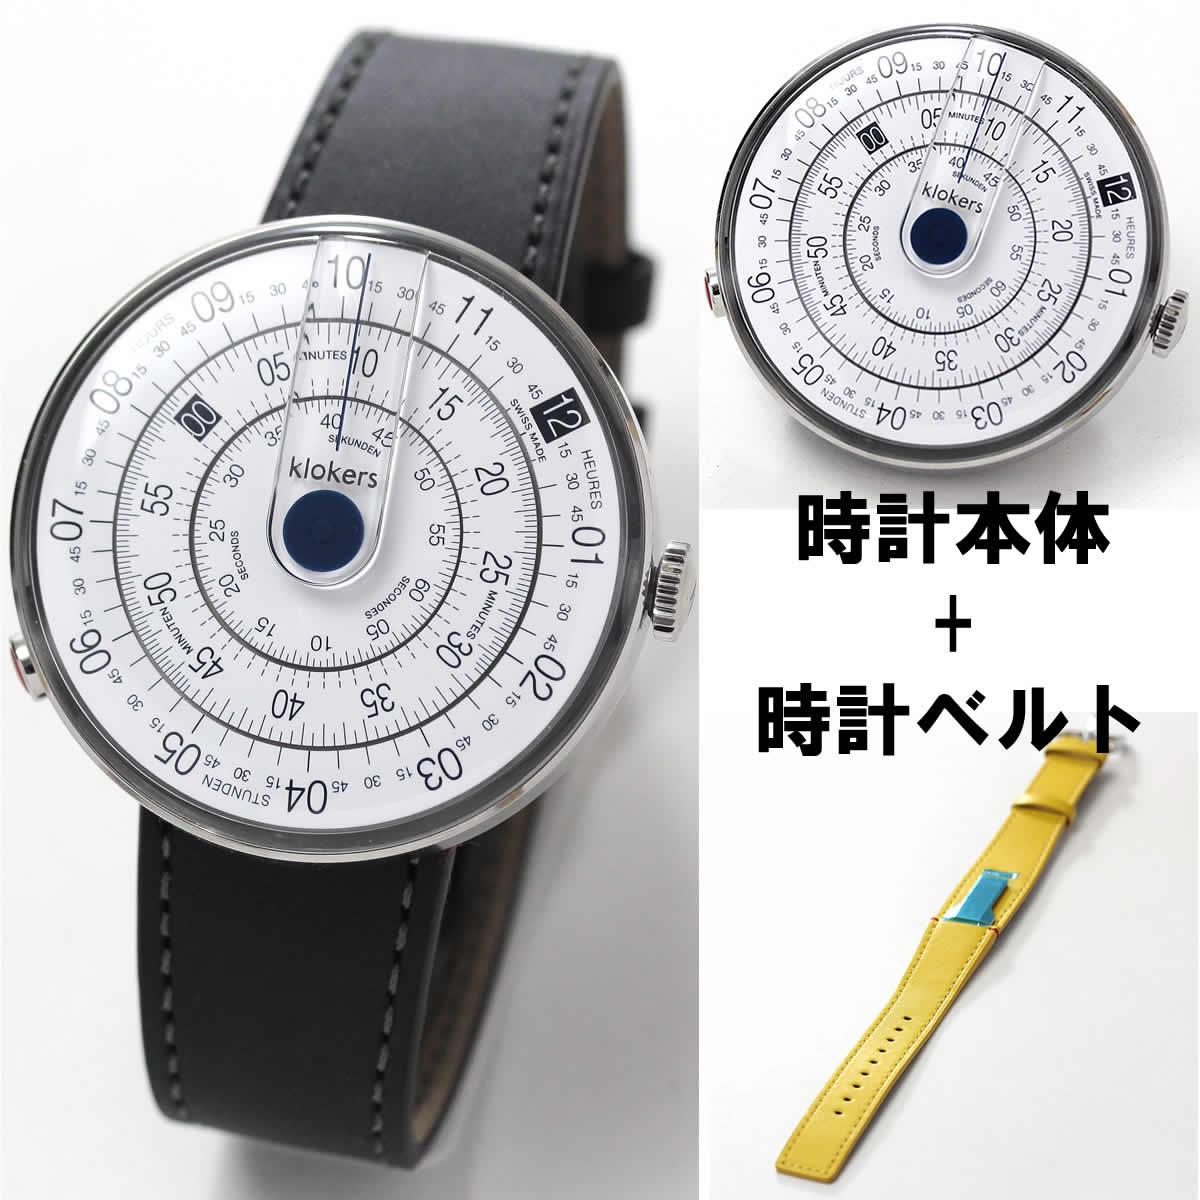 こちらはklokers(クロッカーズ)KLOK-01-D4 腕時計とニューポートイエローのベルトをセットにしてお届けいたします。